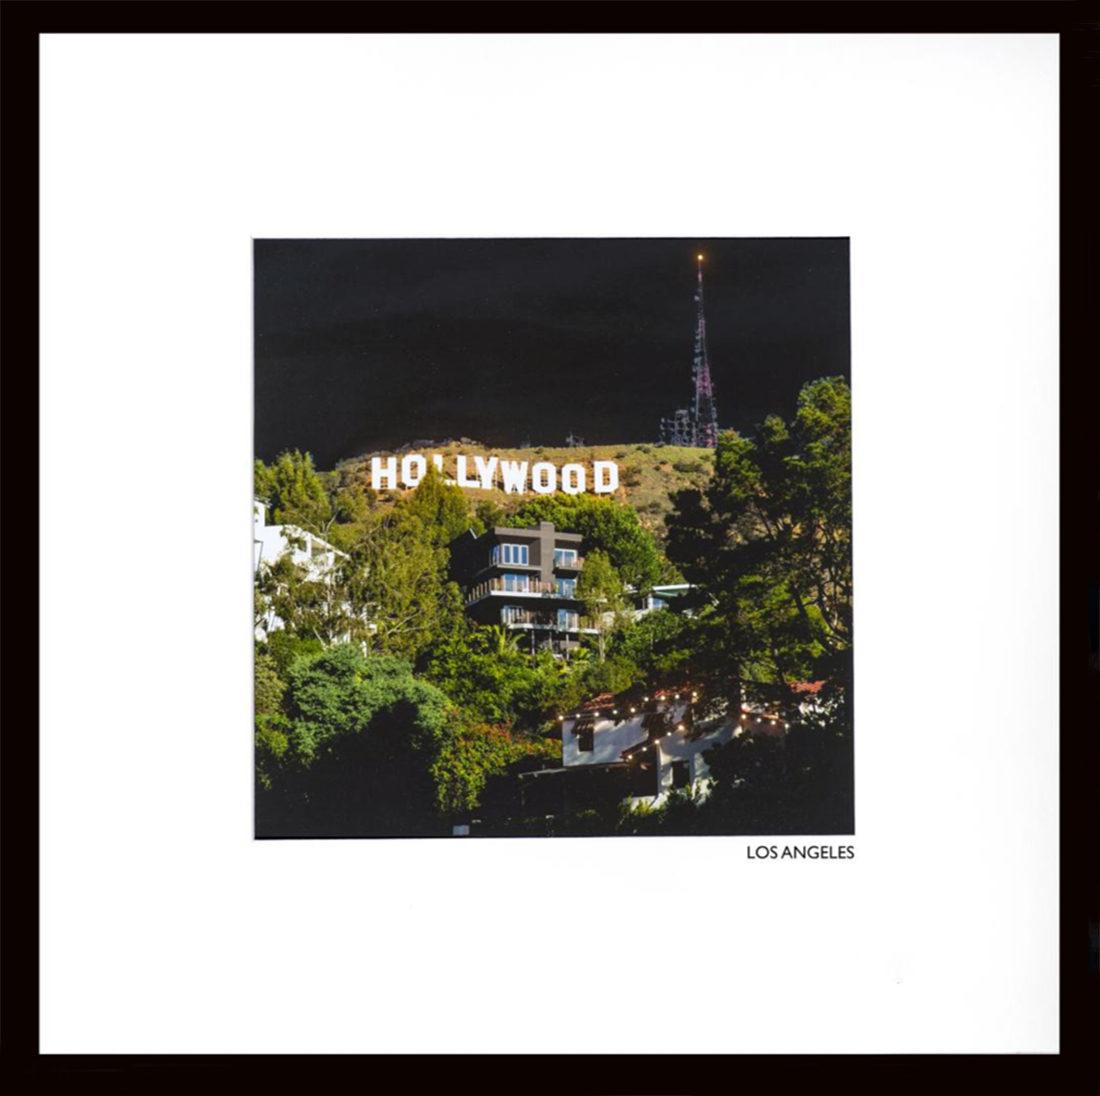 Mises en lumière - Colline Hollywood LA 2012